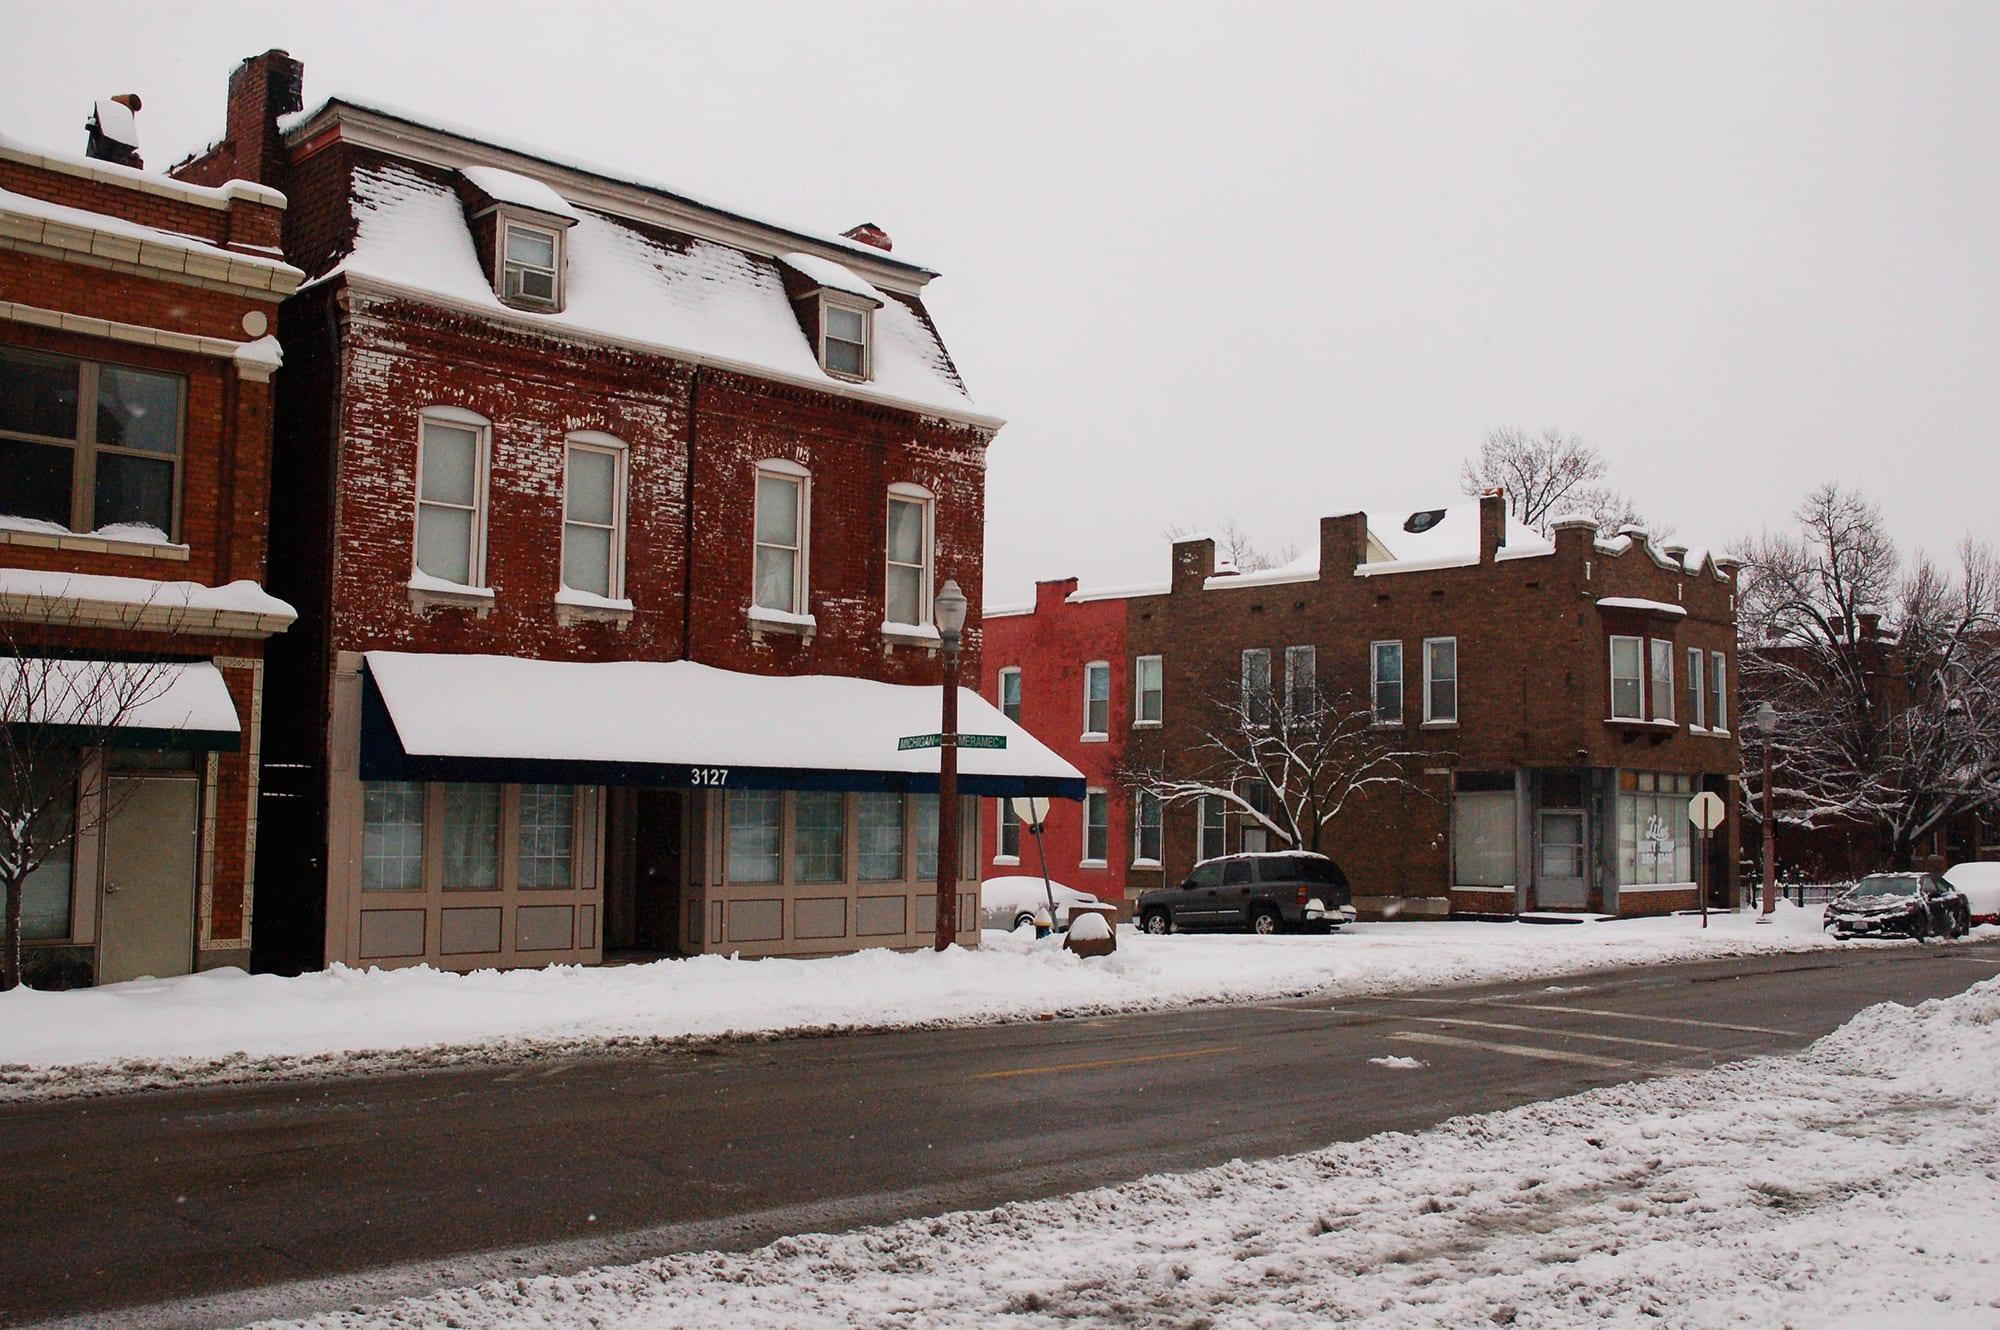 Dutchtown snow 2019